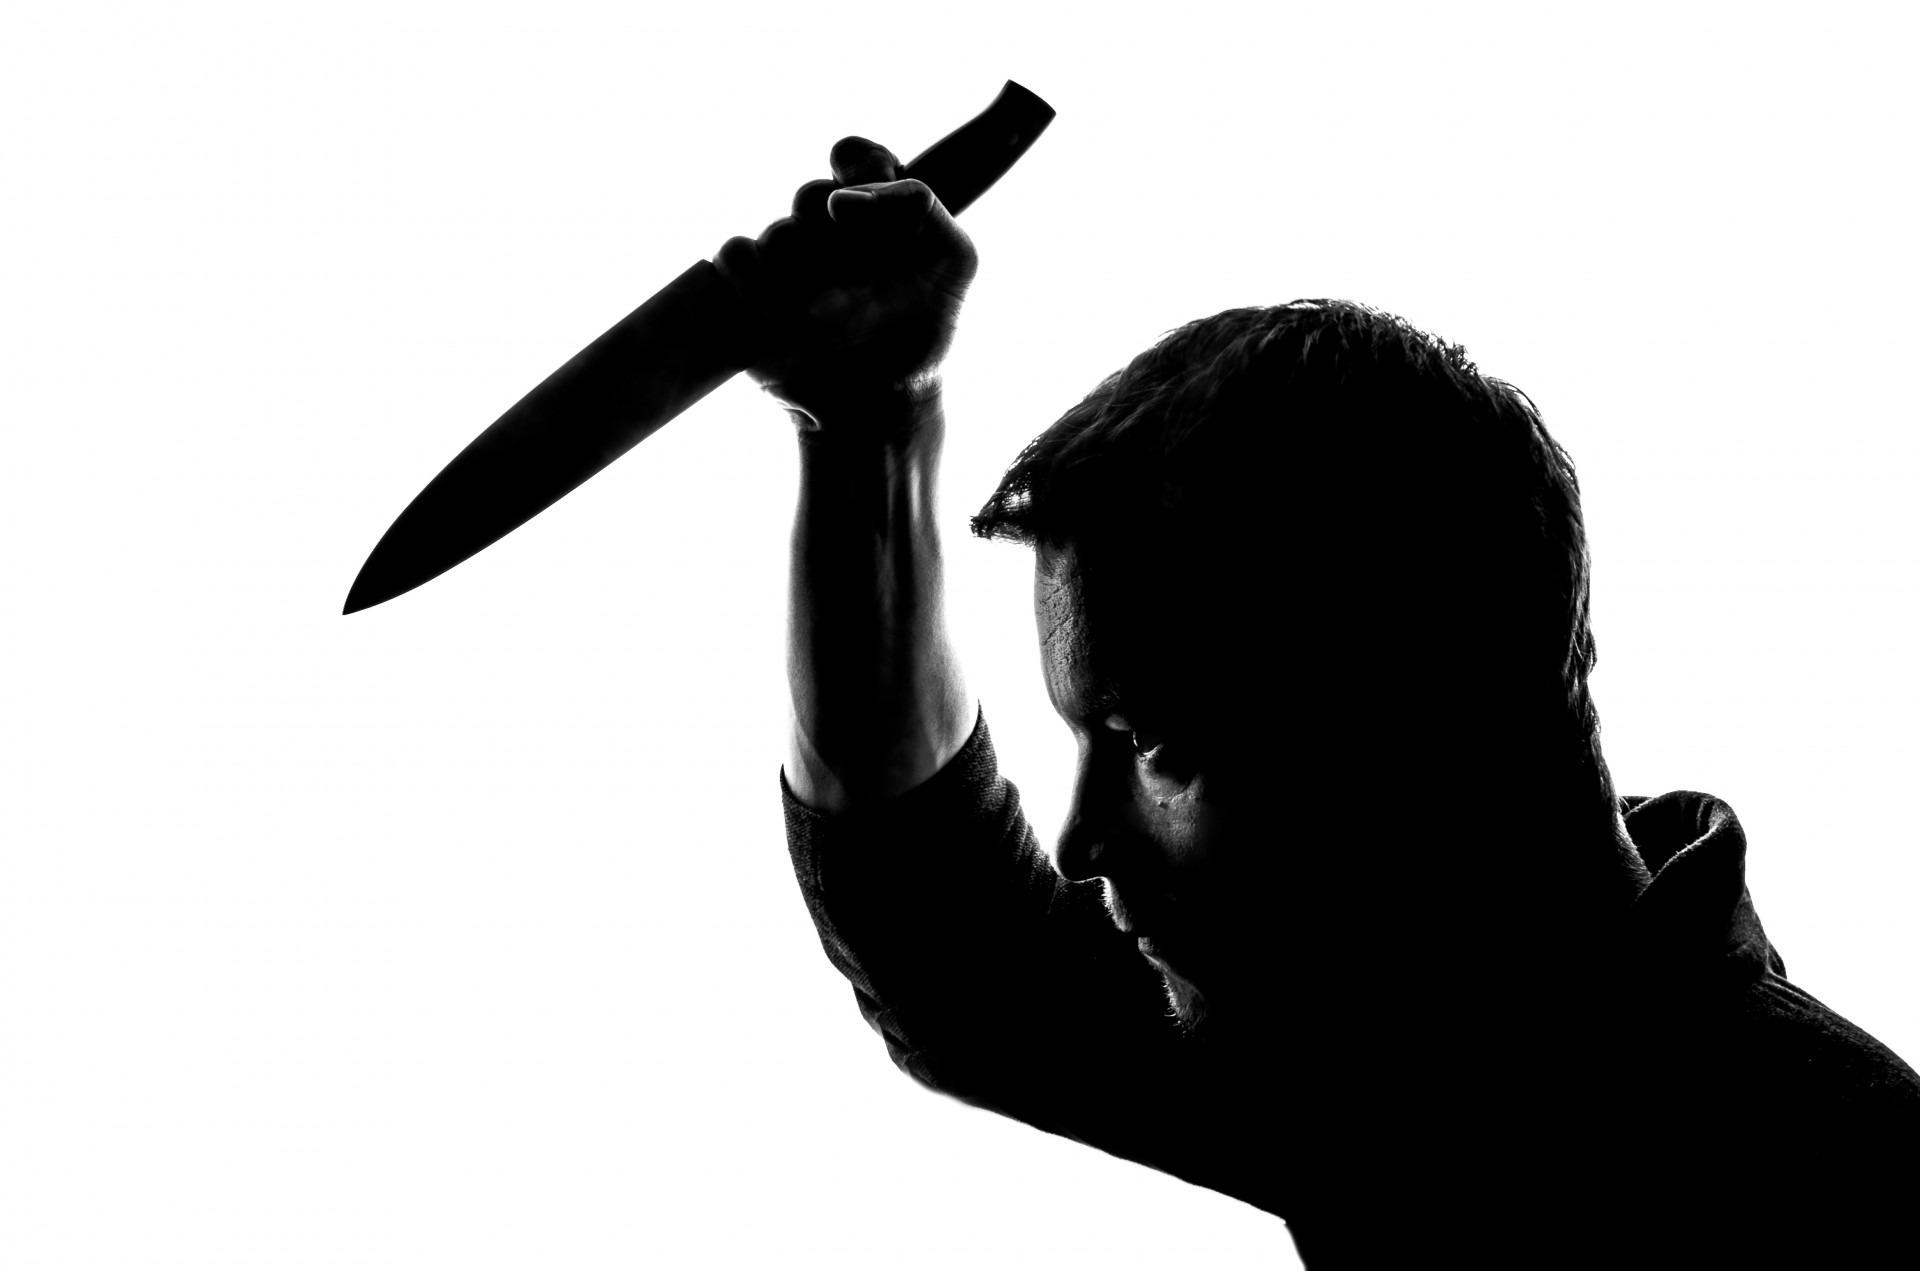 La Audiencia de Castellón condena a cinco años de prisión a un religioso como responsable de un delito de homicidio en grado de tentativa por intentar matar con un cuchillo a un compañero de los Testigos de Jehová al grito de «me siento como Caín».